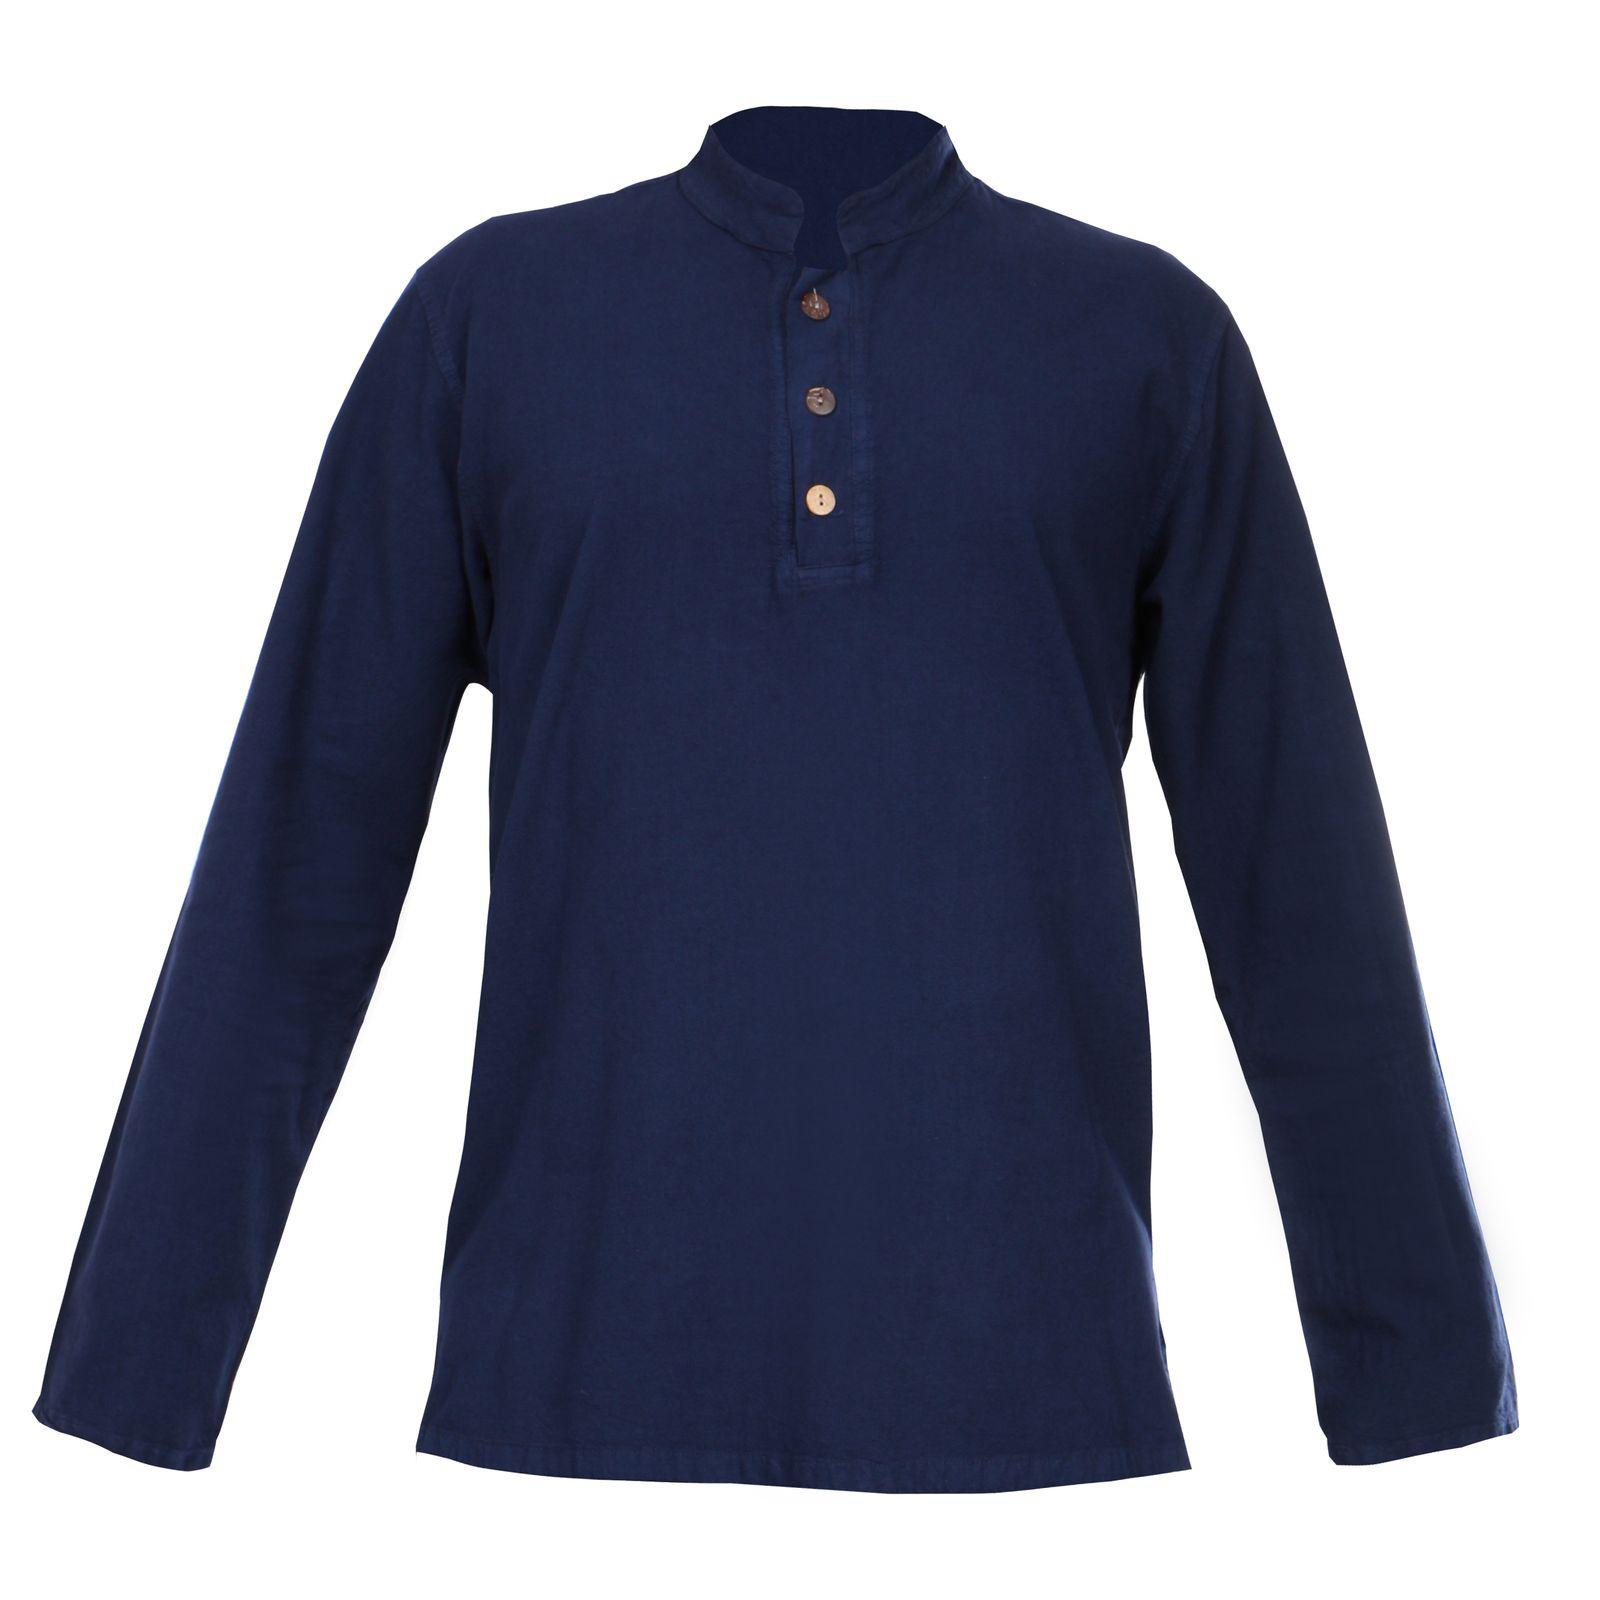 پیراهن آستین بلند مردانه کد P.3D.S.04 رنگ سرمه ای -  - 2